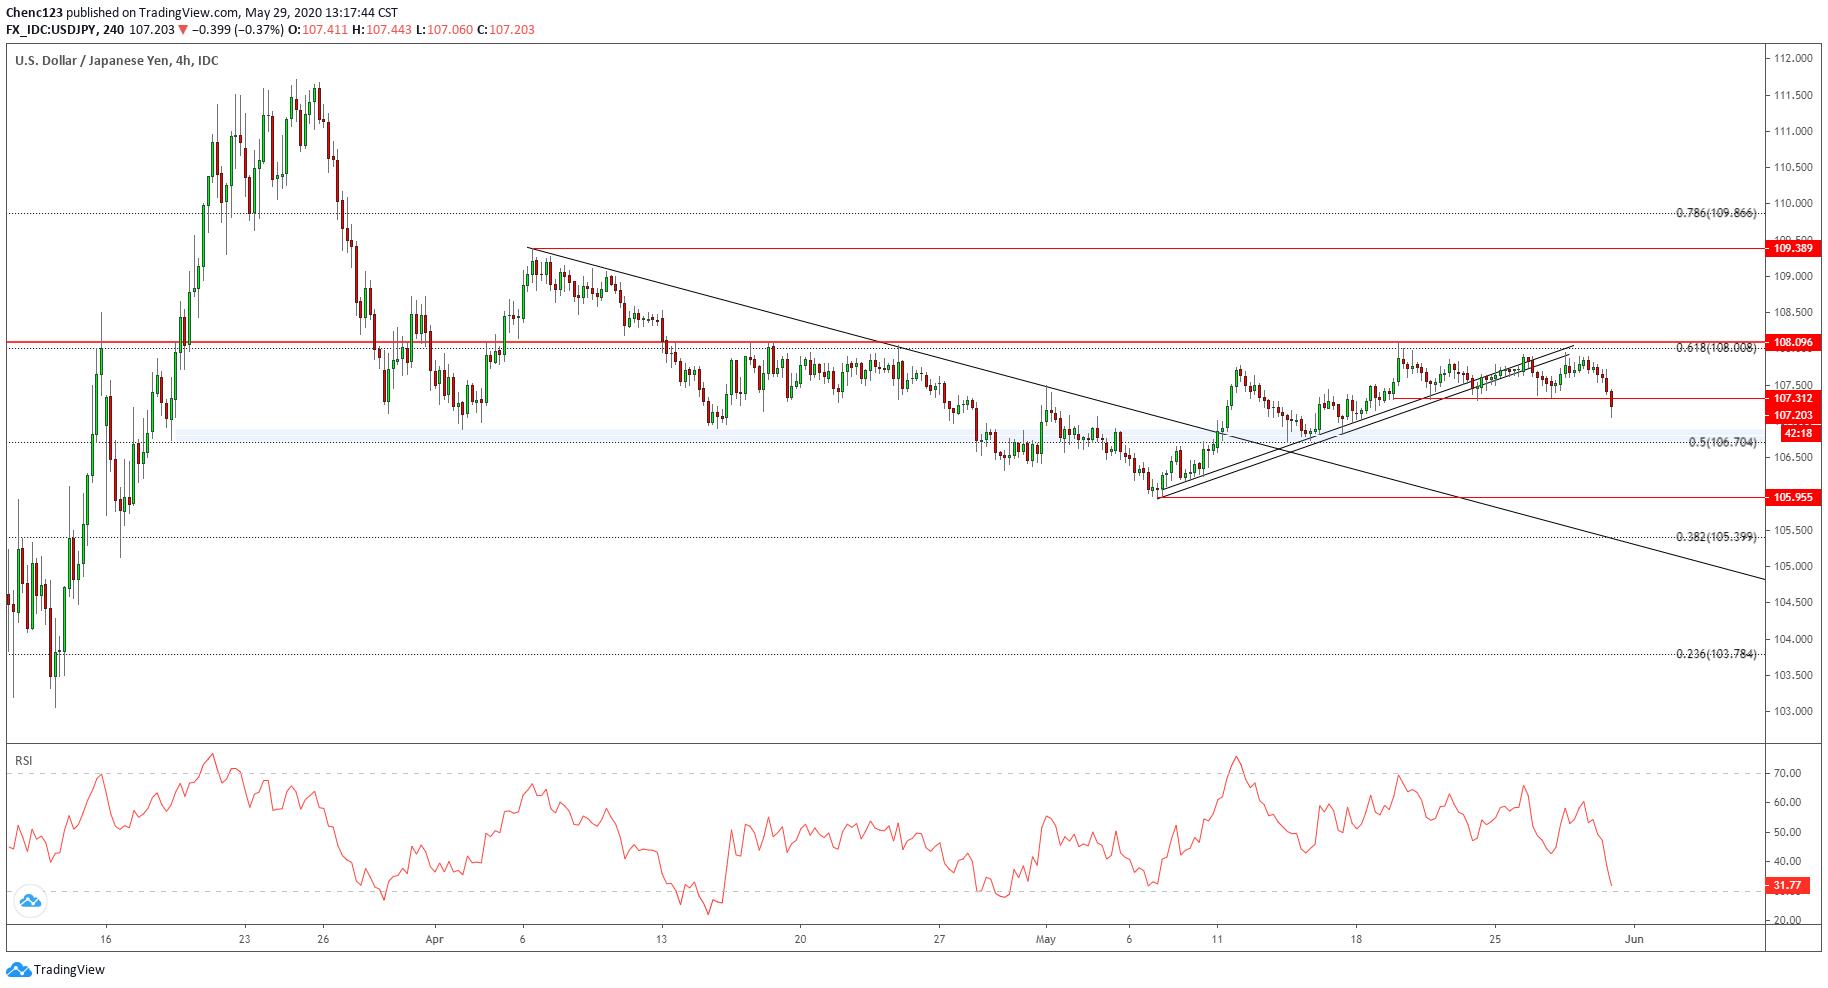 日元技術分析:美元/日元、歐元/日元、英鎊/日元